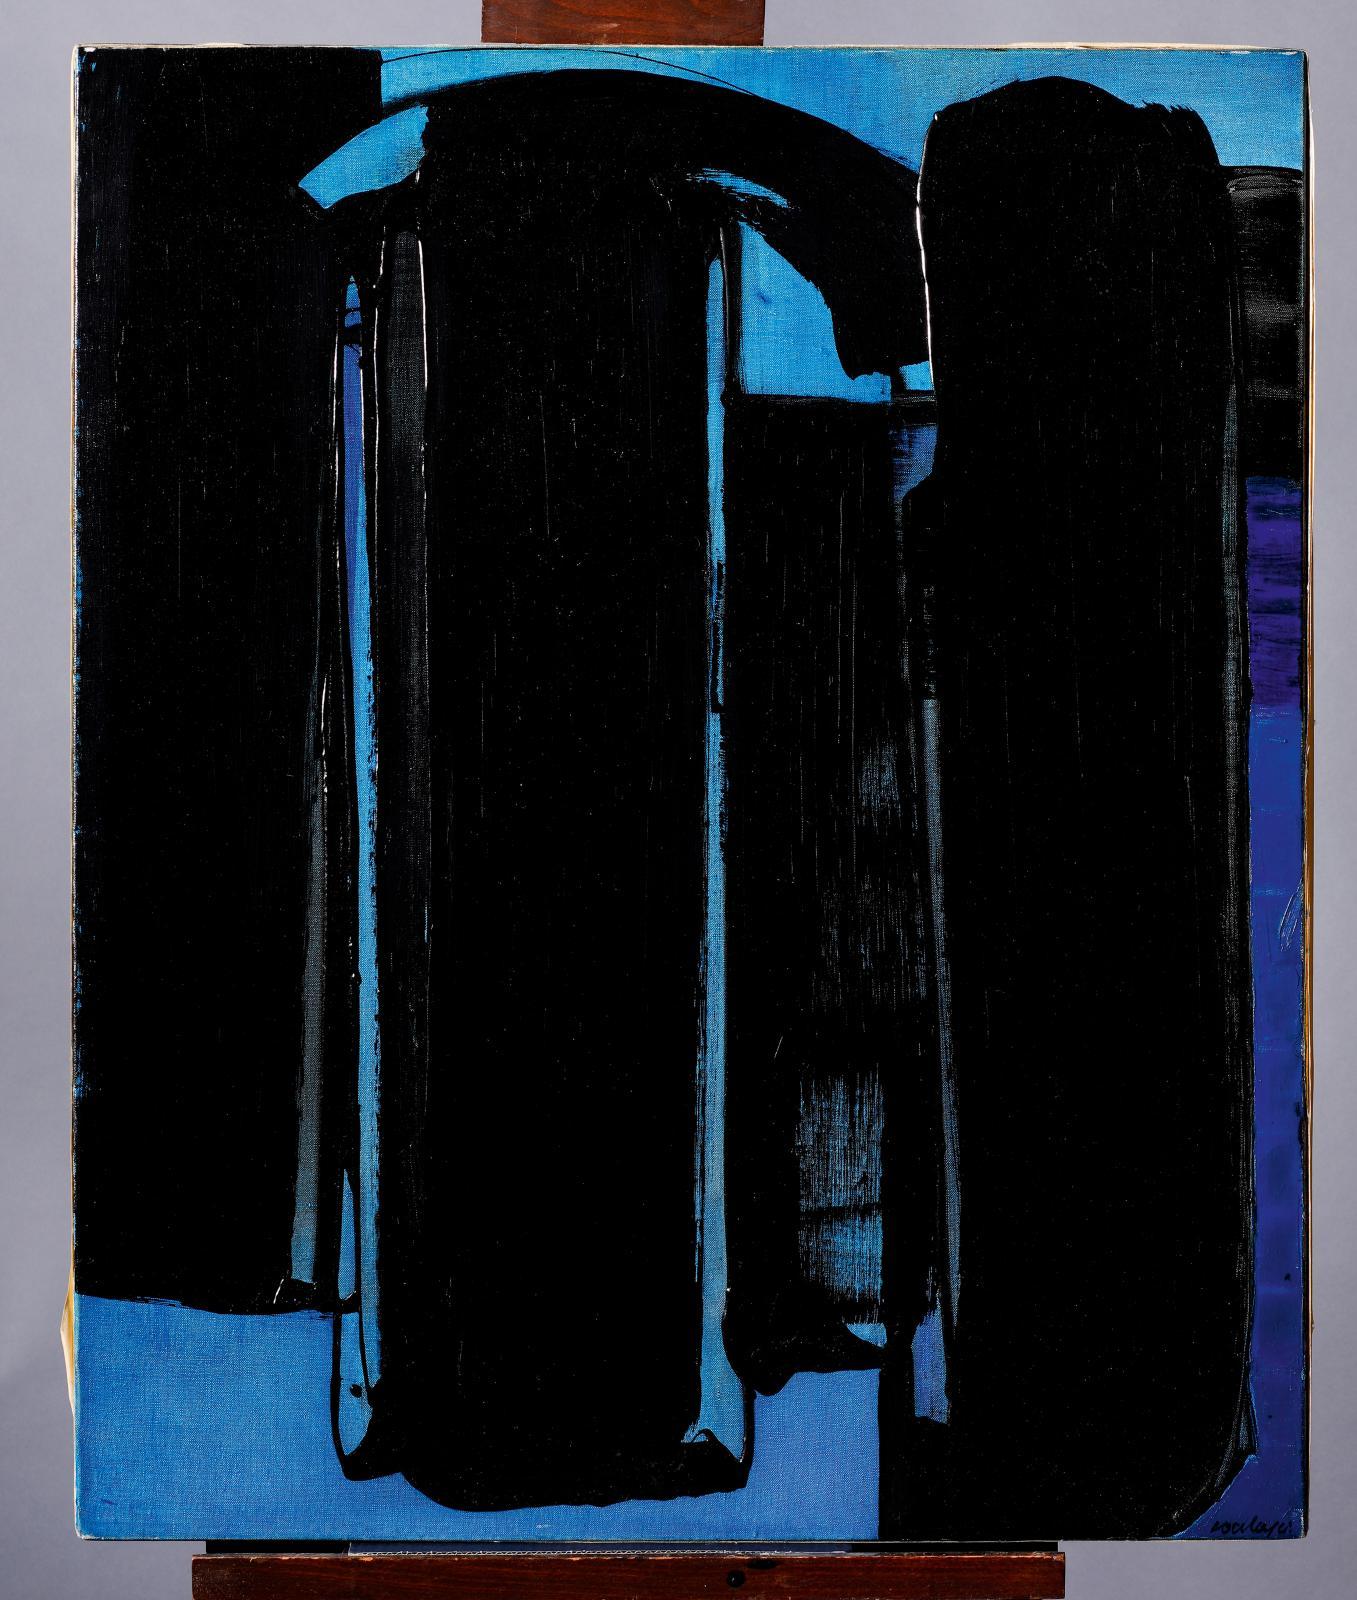 Oeuvre Peinture Noir et Bleu de Pierre Soulages, 1919